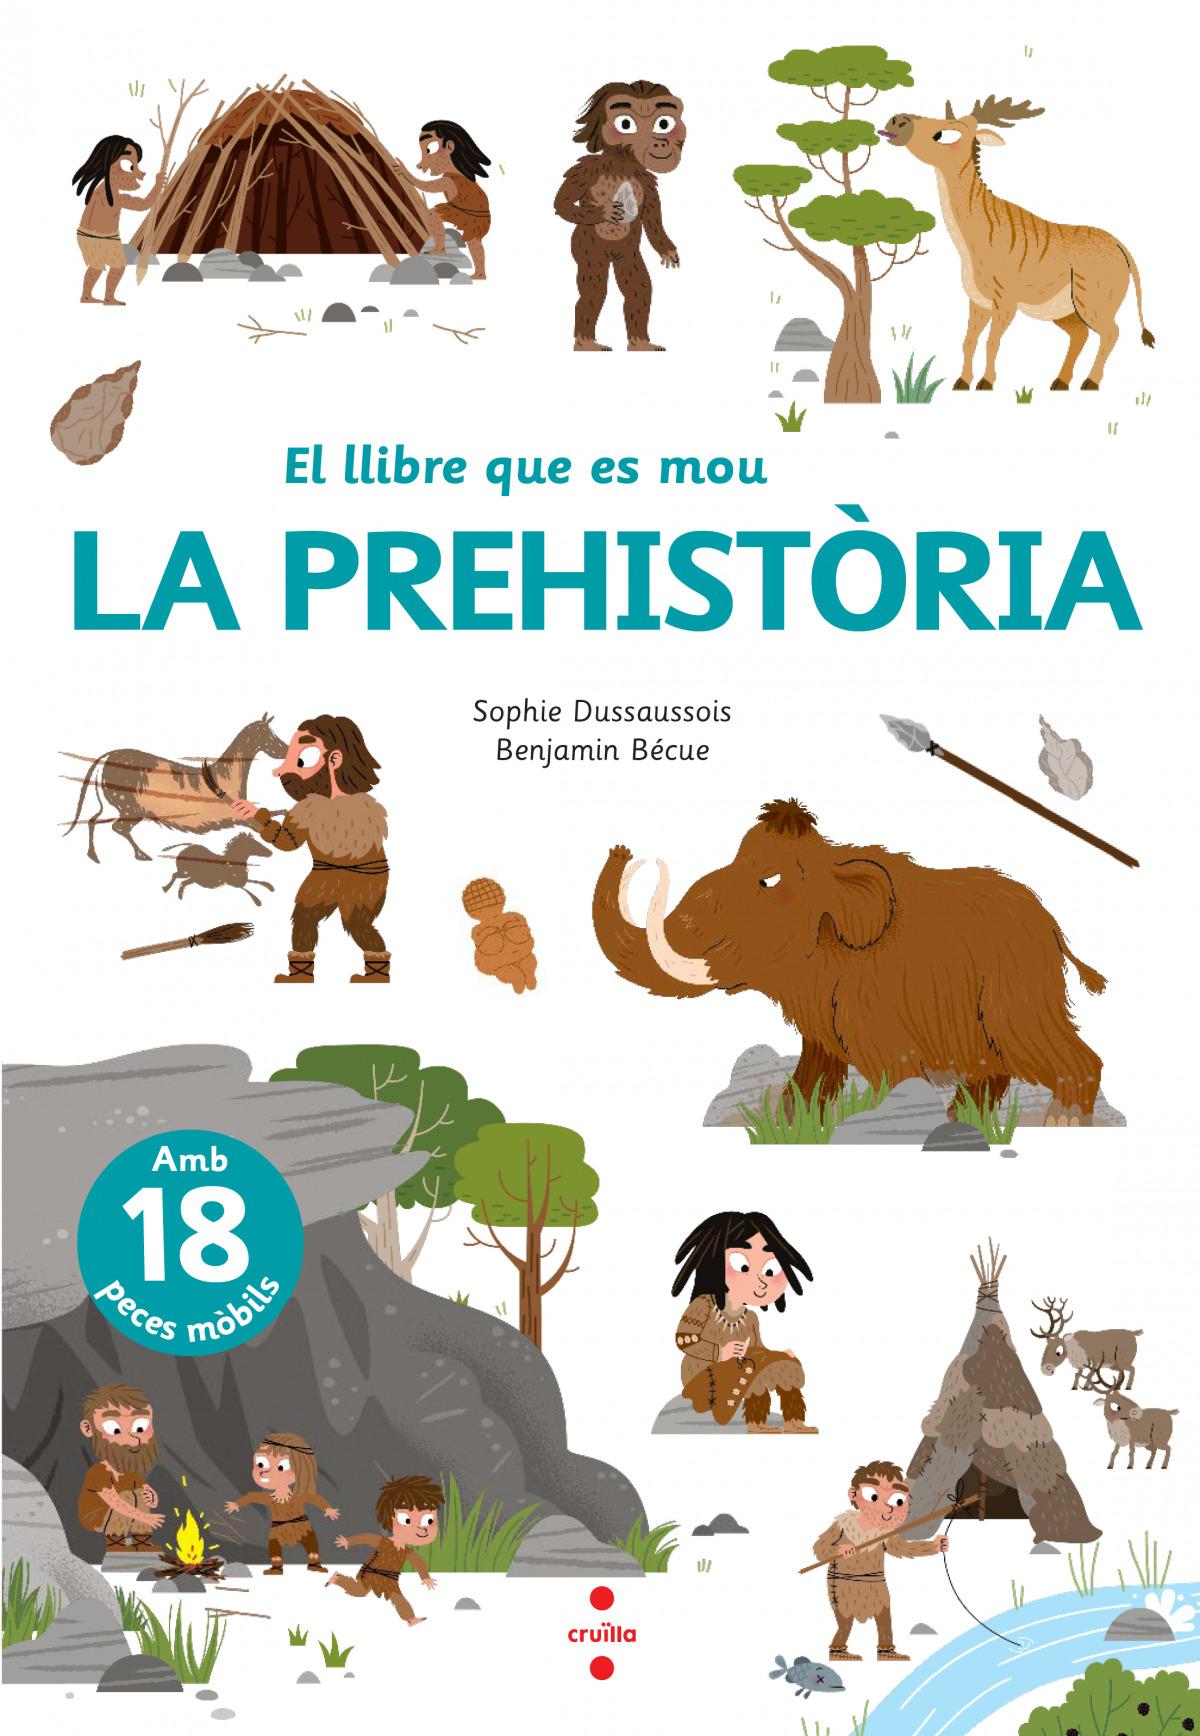 El llibre que es mou: La prehistòria